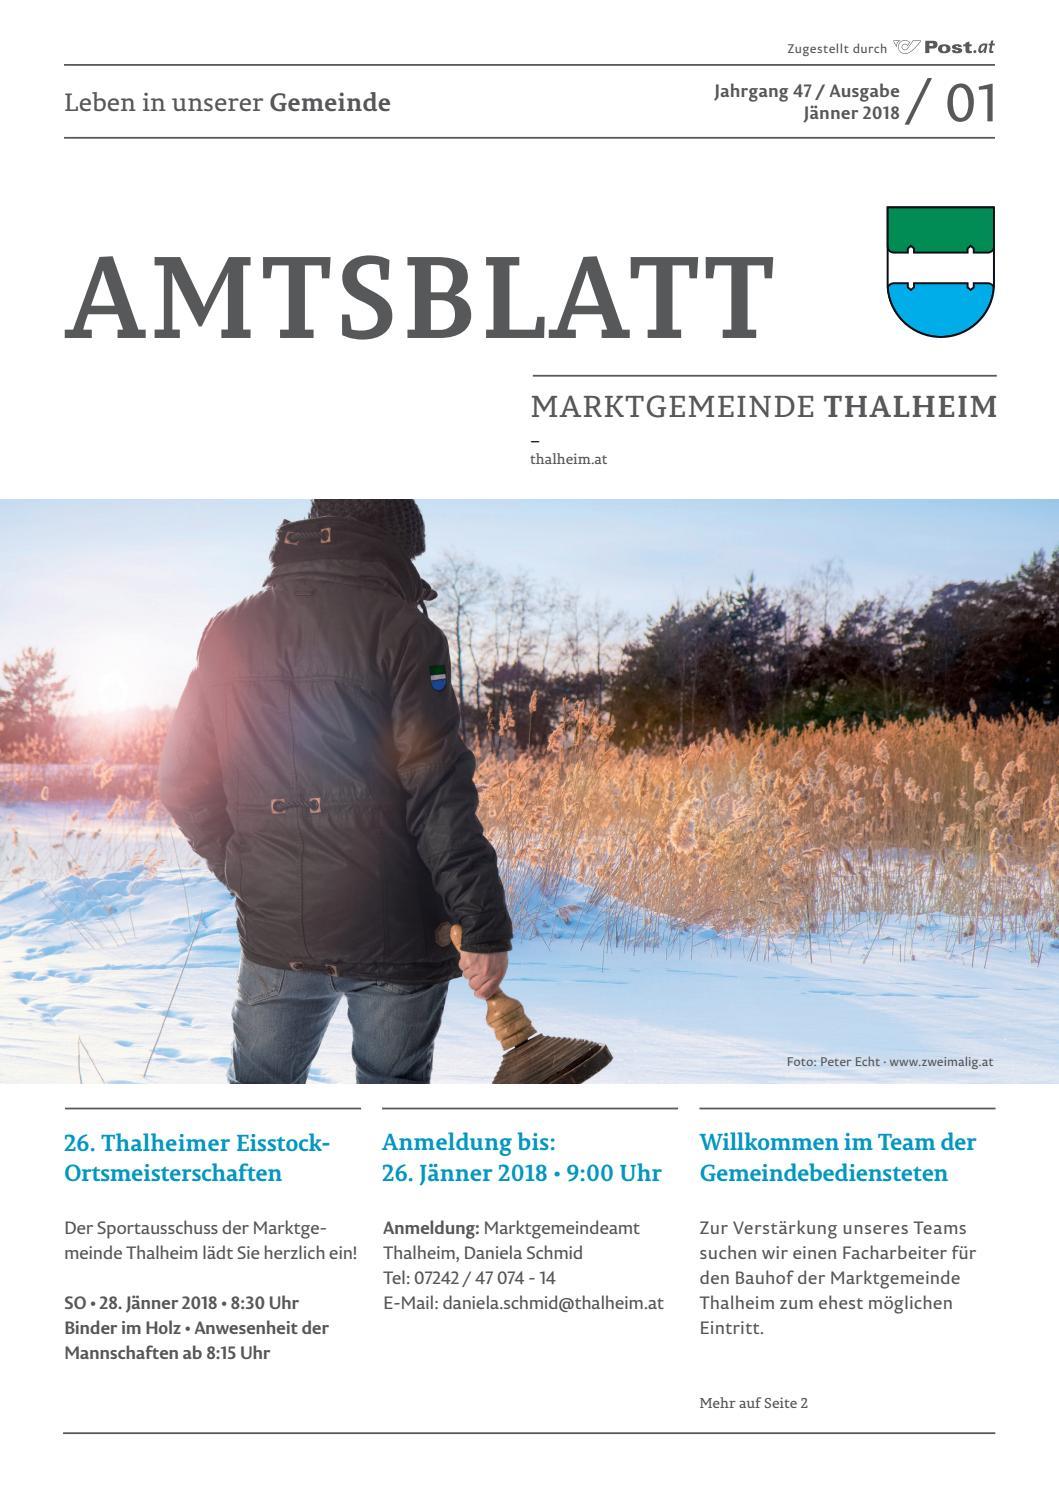 Amtsblatt Thalheim 01 2018 by Marktgemeinde Thalheim bei